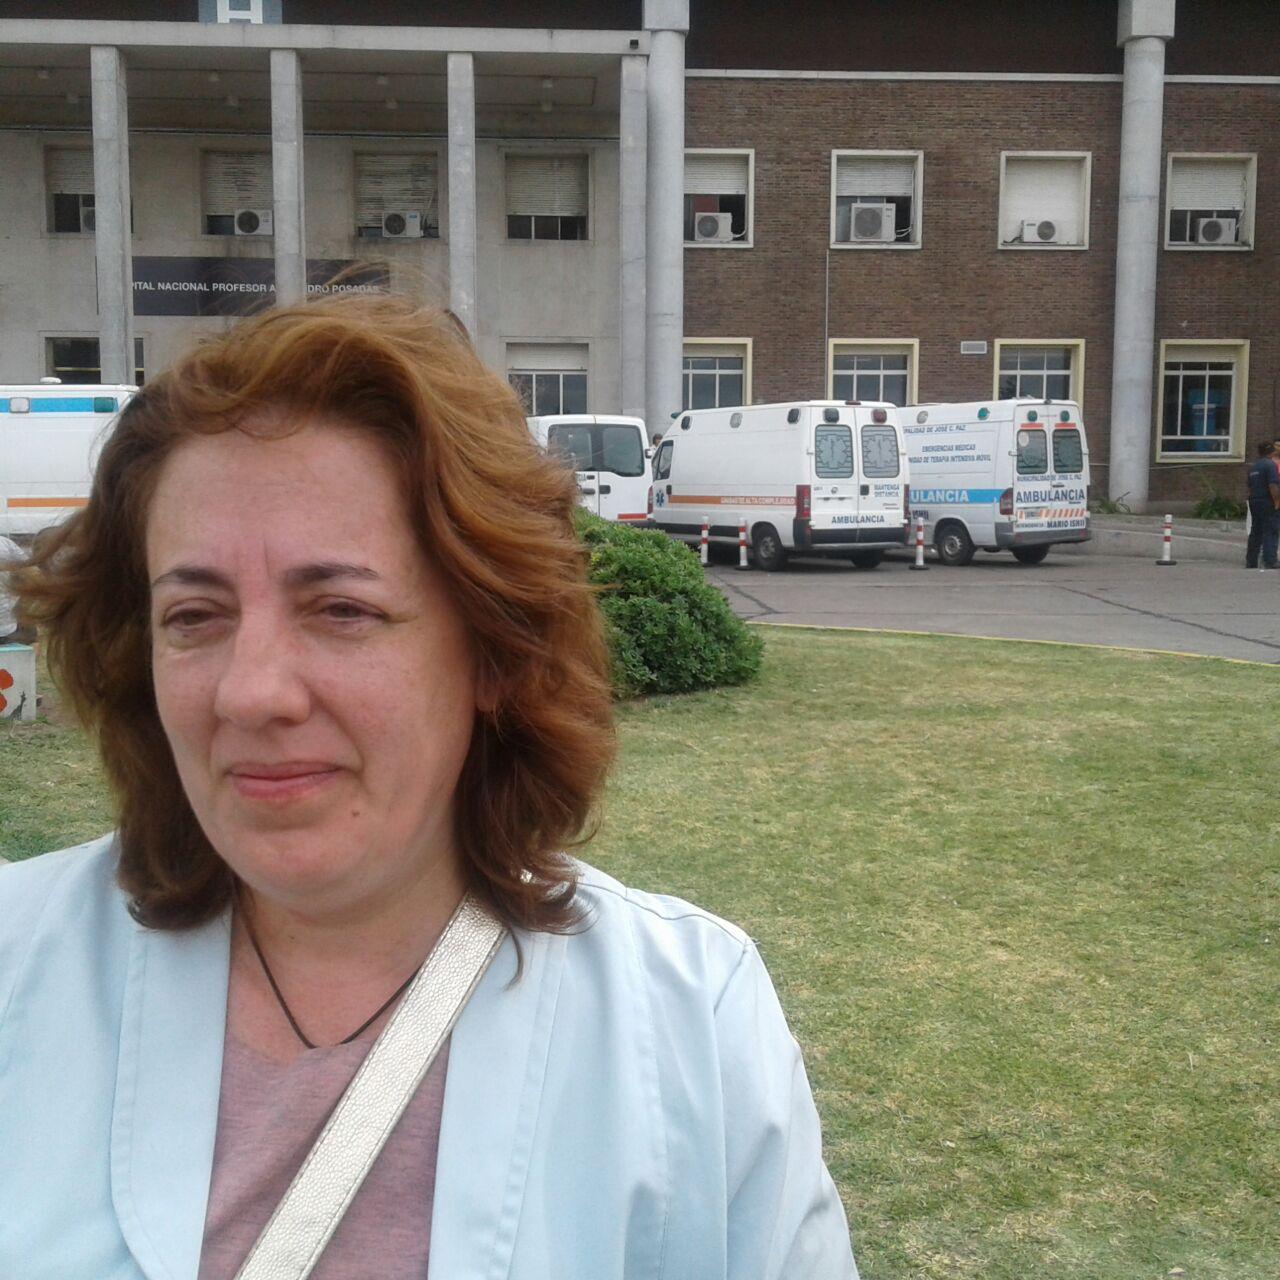 Entrevista: Karina Almirón, es especialista en definir tratamientos de cáncer y fue despedida del Posadas